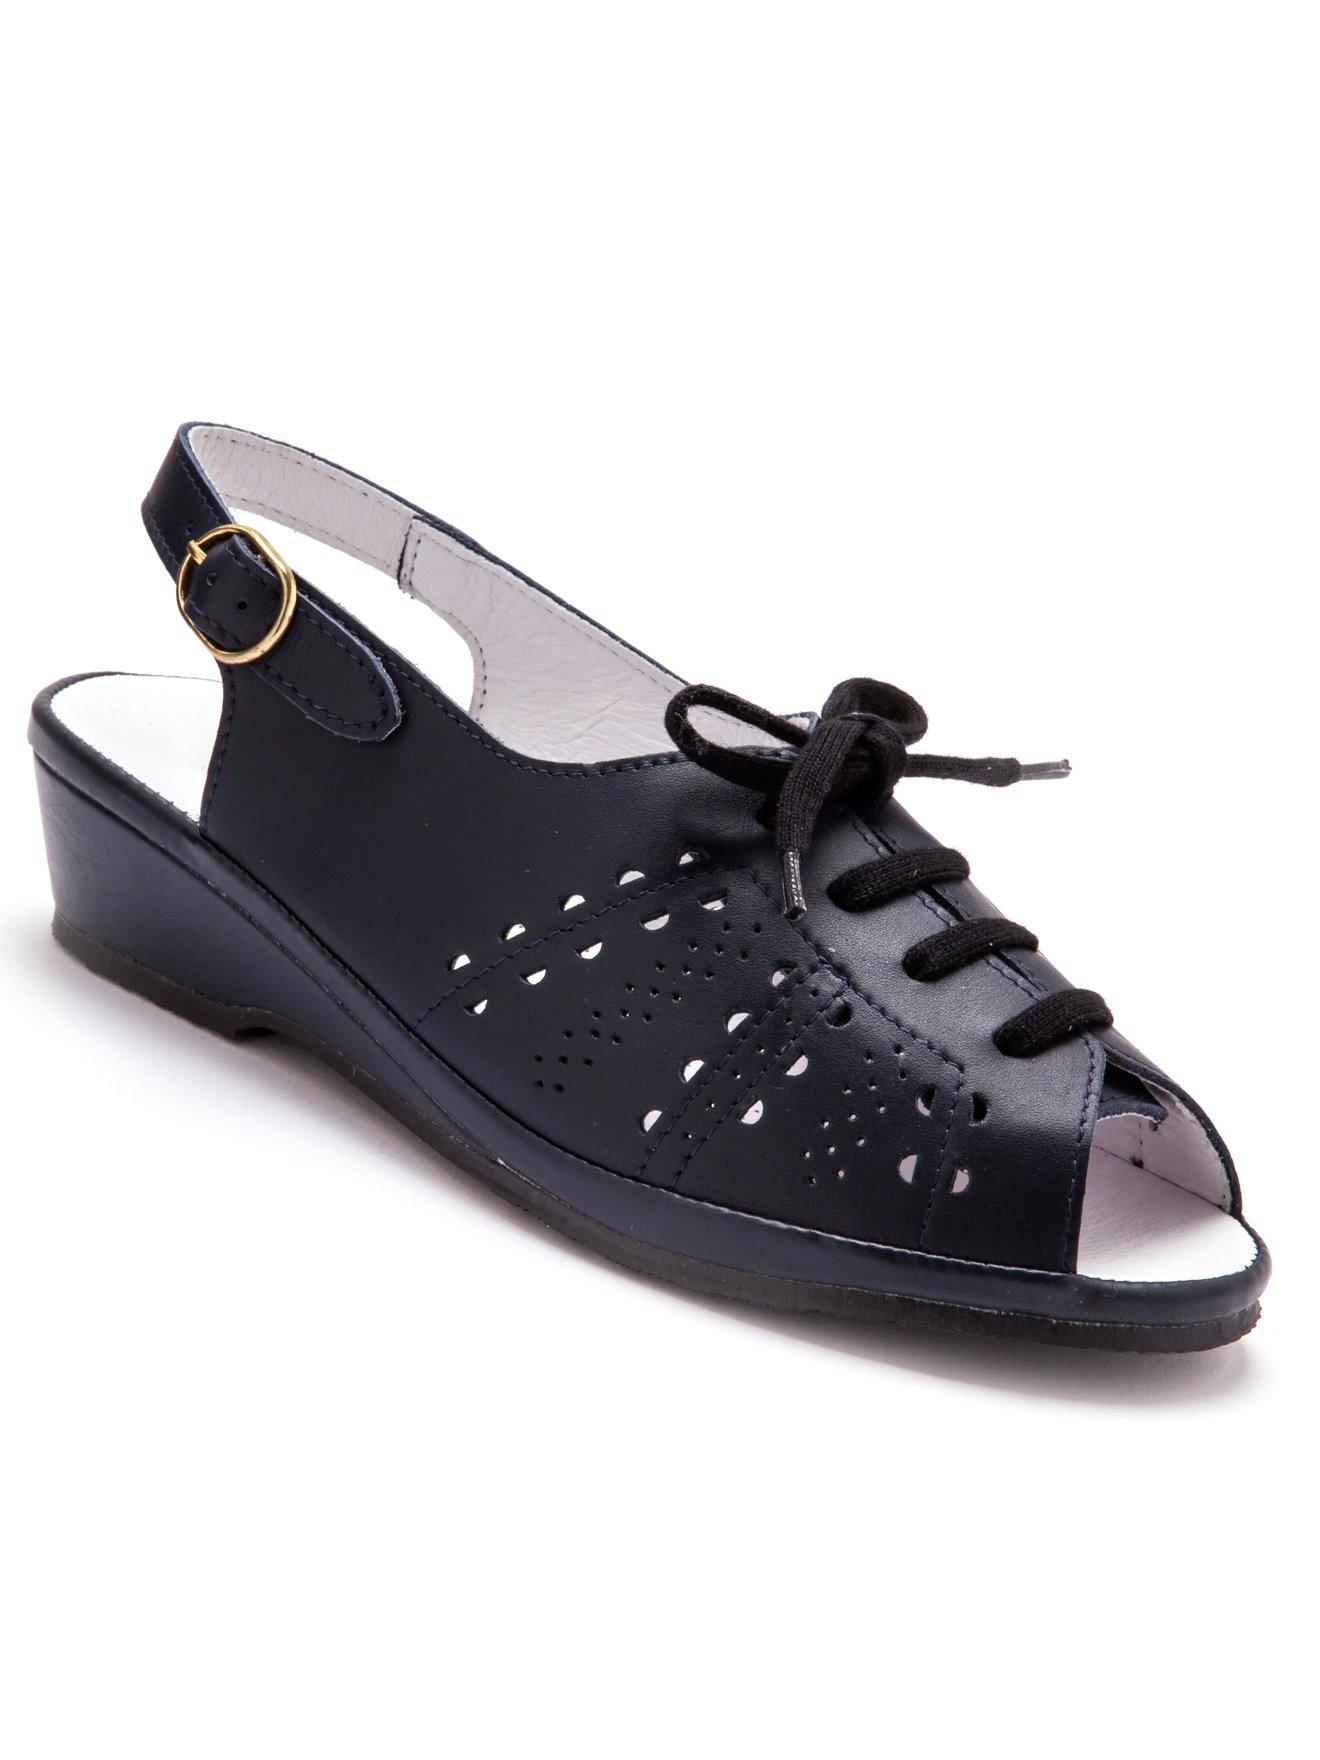 0ac556461d787e Sandales pieds sensibles, à aérosemelle® - Daxon